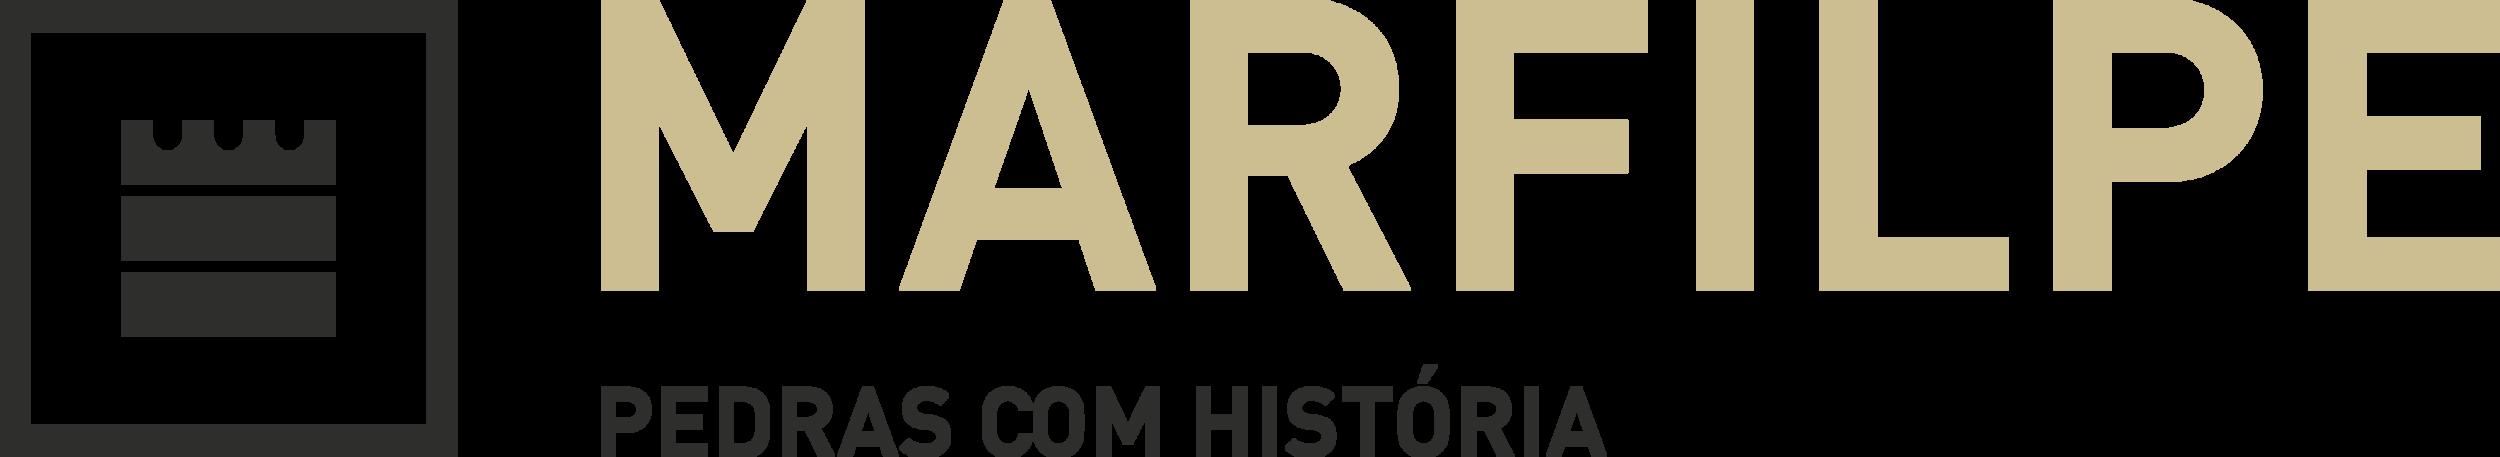 Marfilpe - História - Horizontal - Cor - Positivo.png